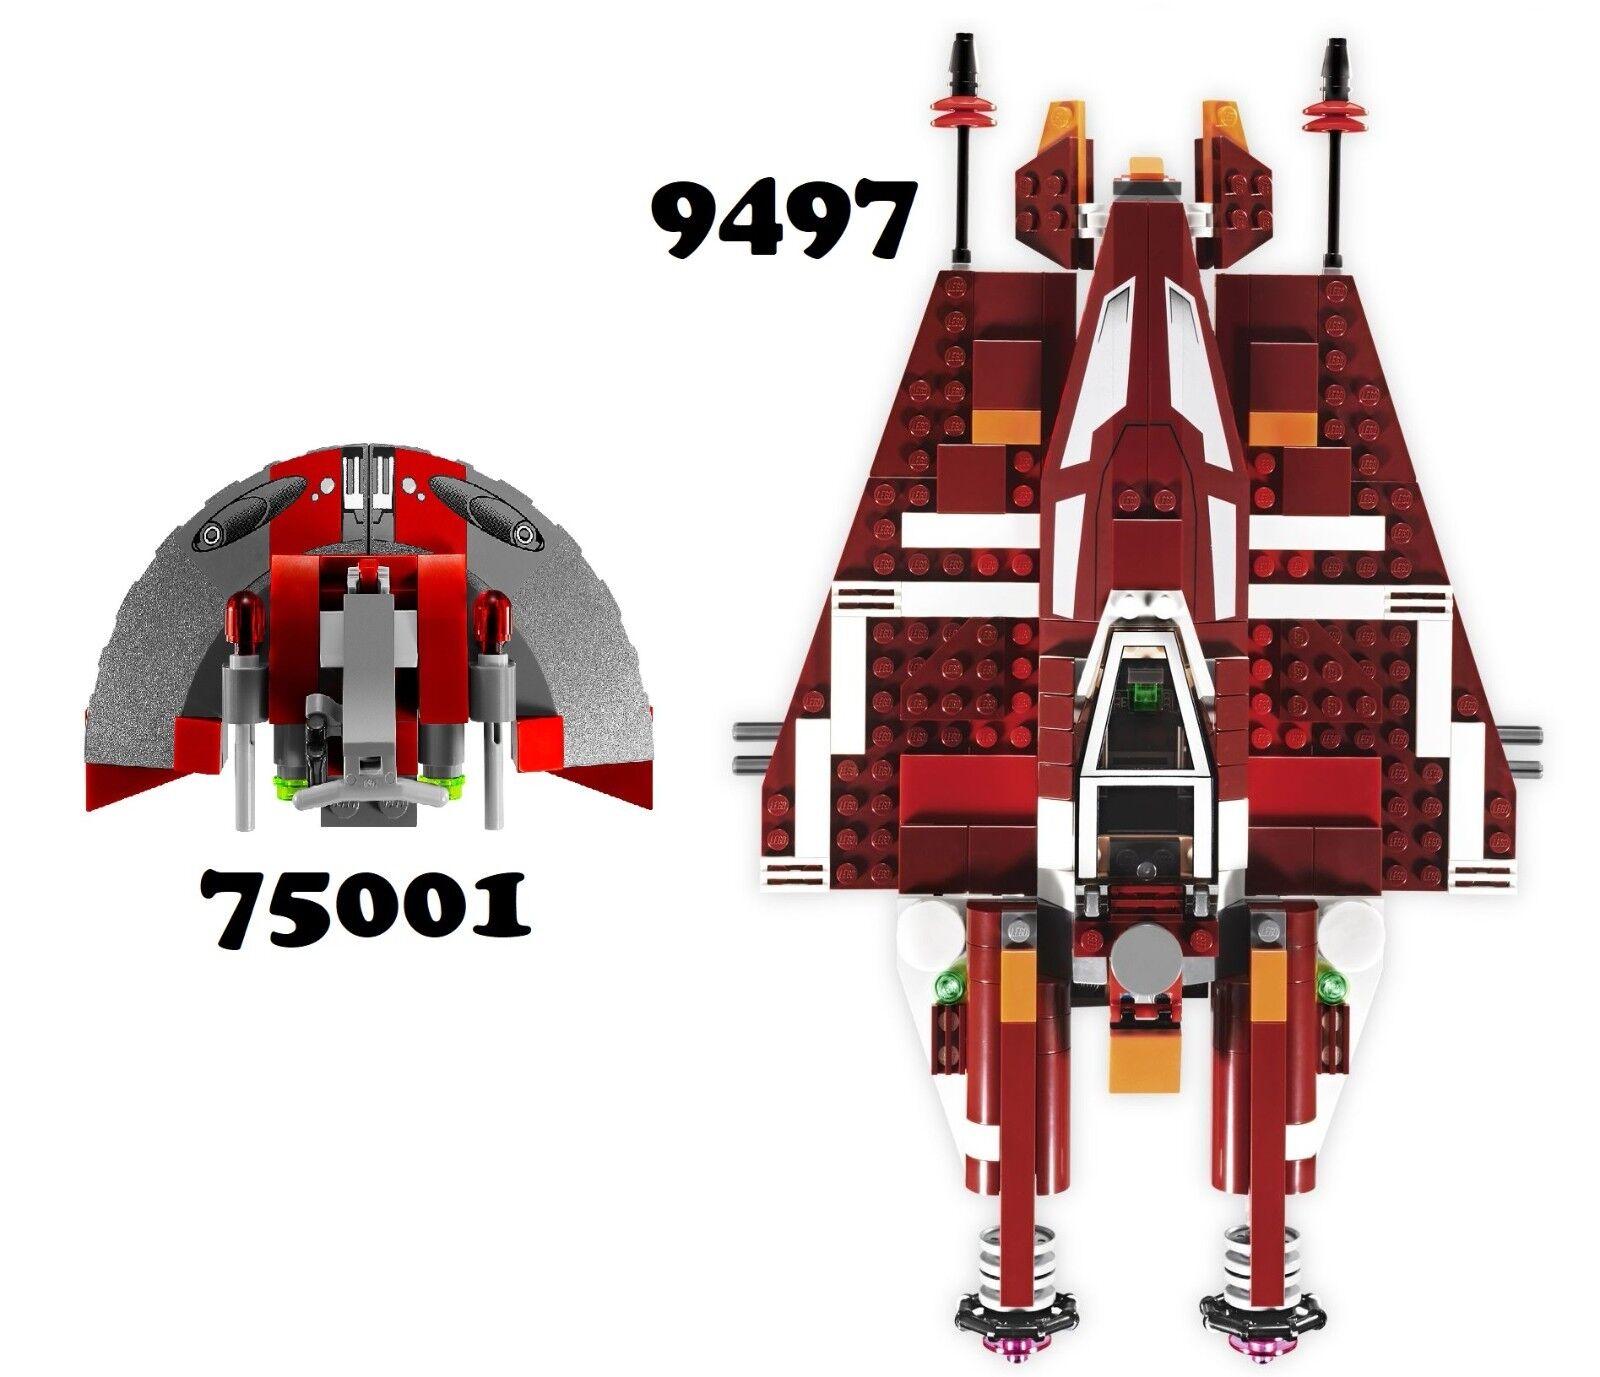 NUOVO   LEGO estrella guerras 9497 & 75001 Combo Set  NO Minicifras  per il commercio all'ingrosso